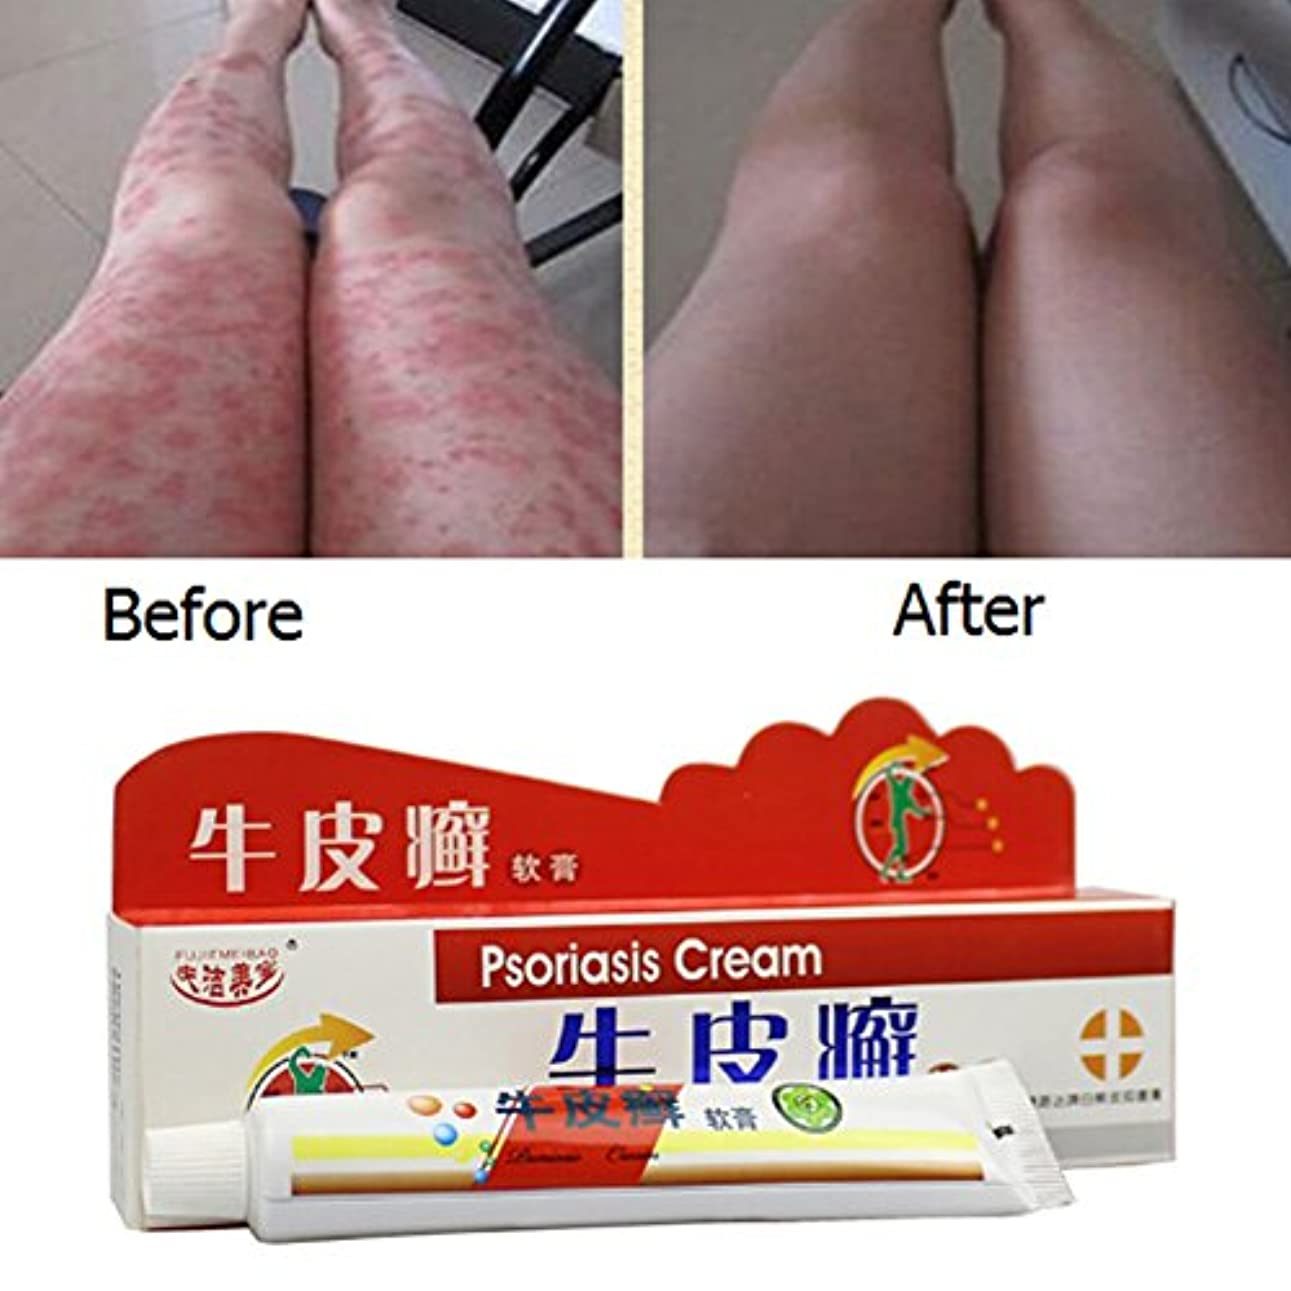 霧貸すブーストBalai 乾癬クリーム 中国のハーブ抗菌軟膏クリーム 湿疹乾癬 治療かゆみ止めクリーム